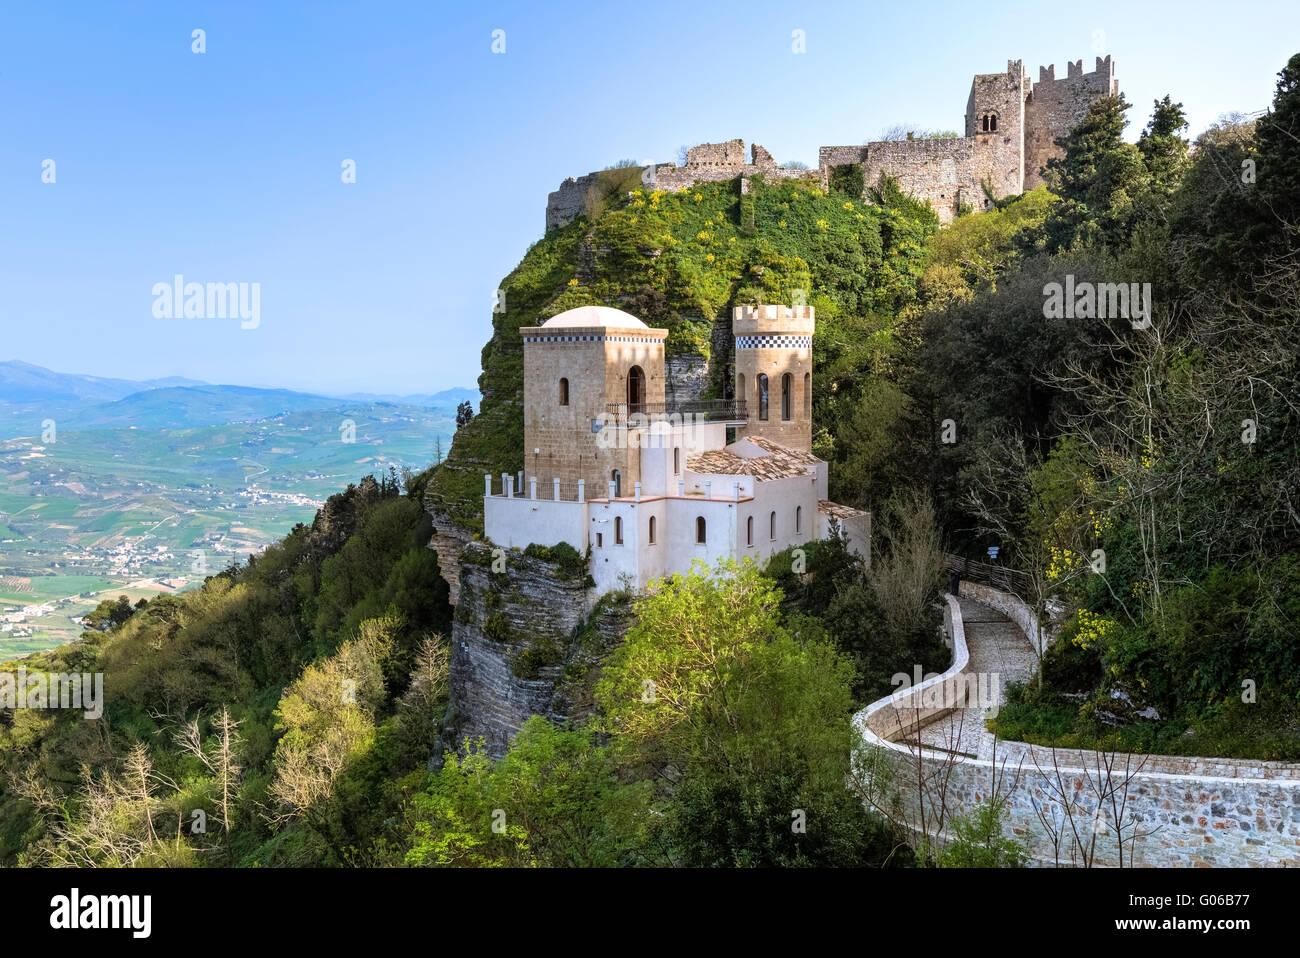 Erice, château, Trapani, Sicile, Italie Photo Stock